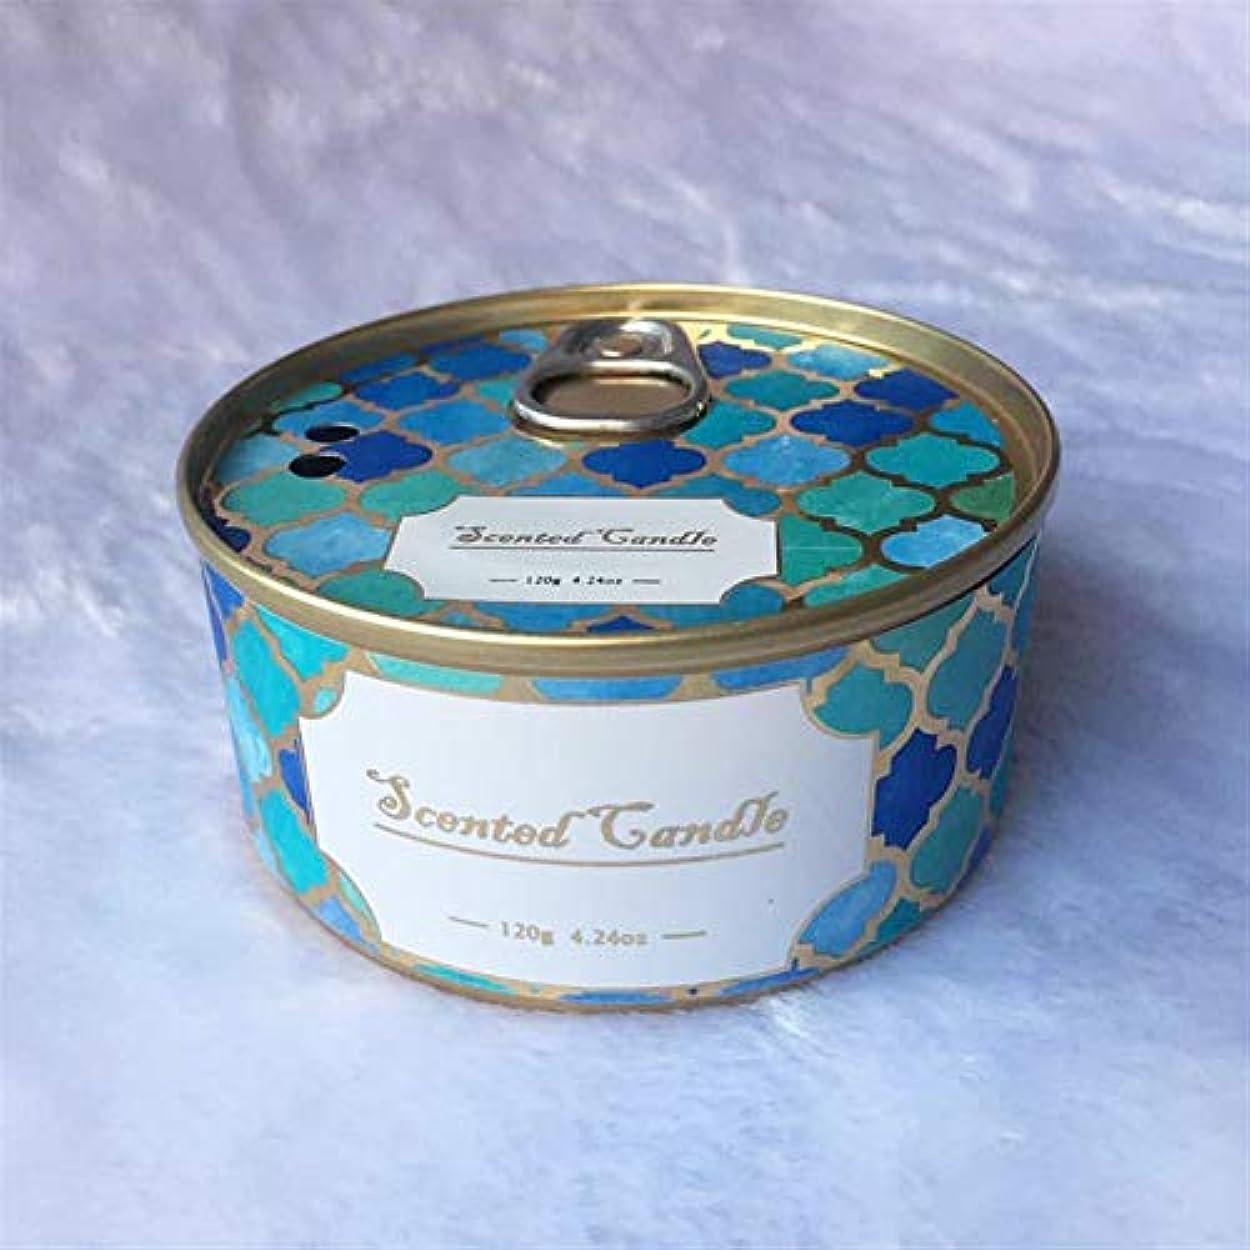 複雑でない最後の実行するGuomao ブリキ缶植物エッセンシャルオイルハイエンドギフト大豆ワックスモスオーキッド香りのキャンドル (色 : Moss)